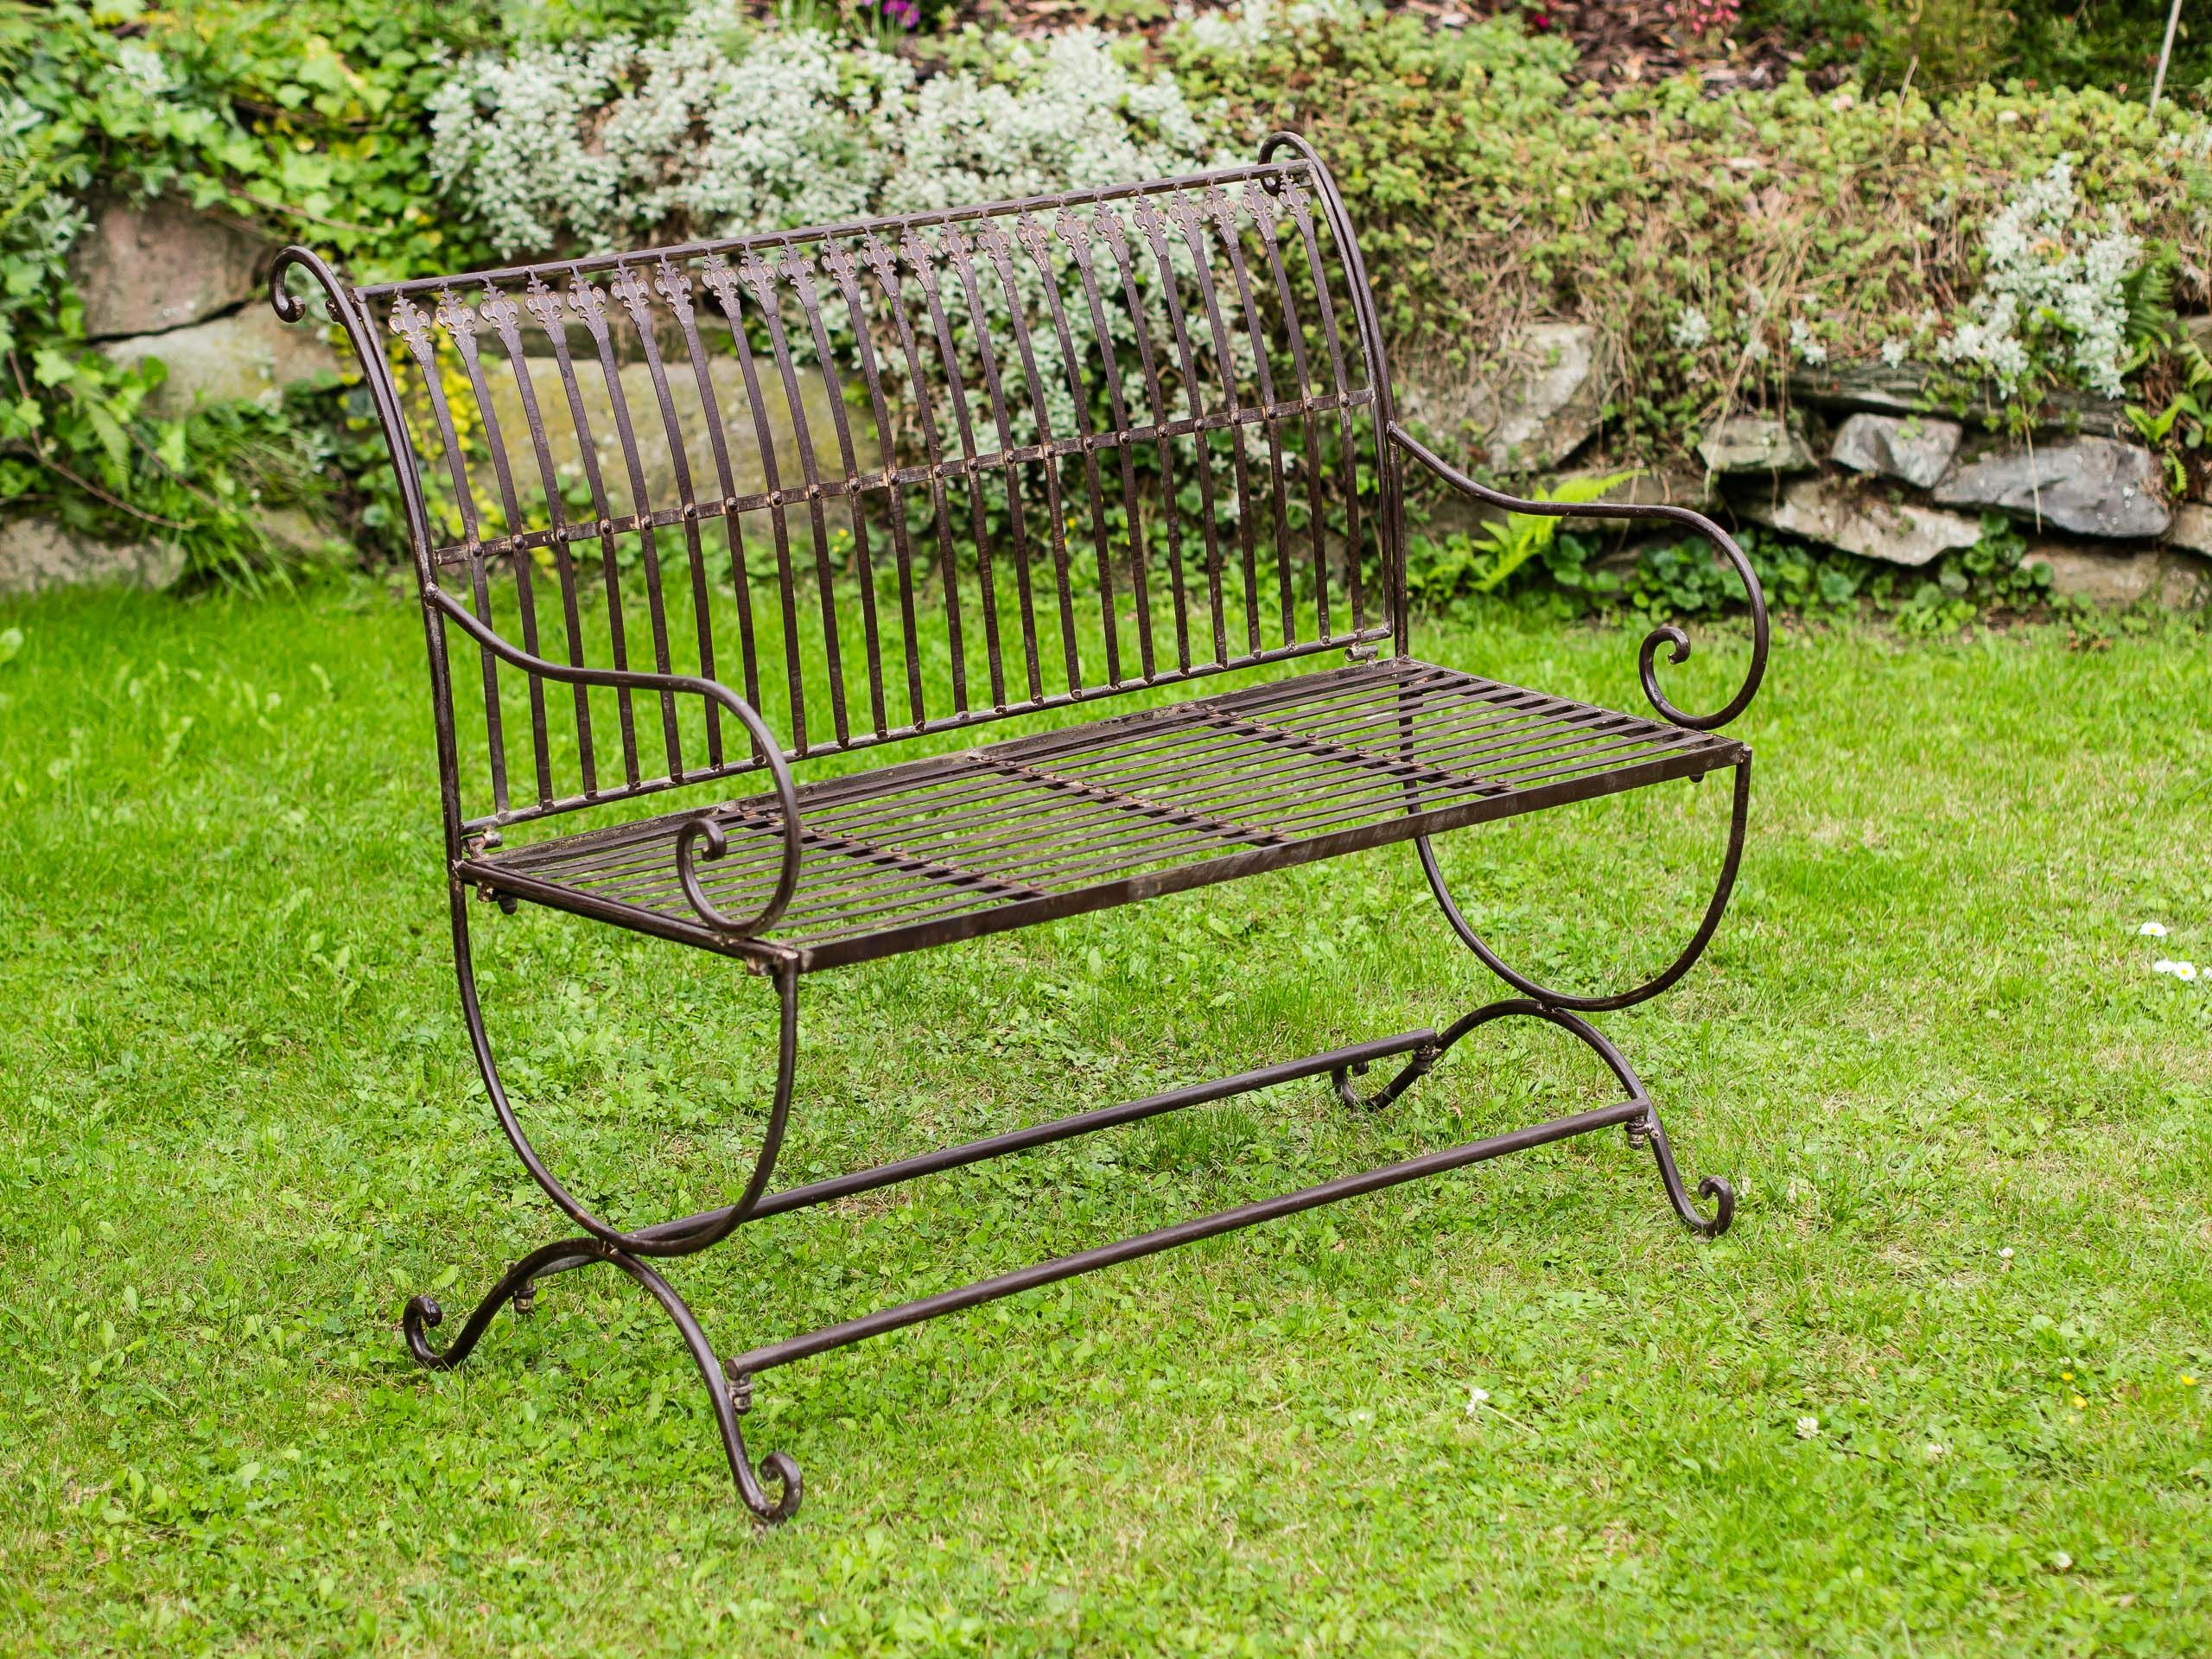 Wunderschöne Gartenbank aus Eisen mit schönen Verzierungen. Ideal ...